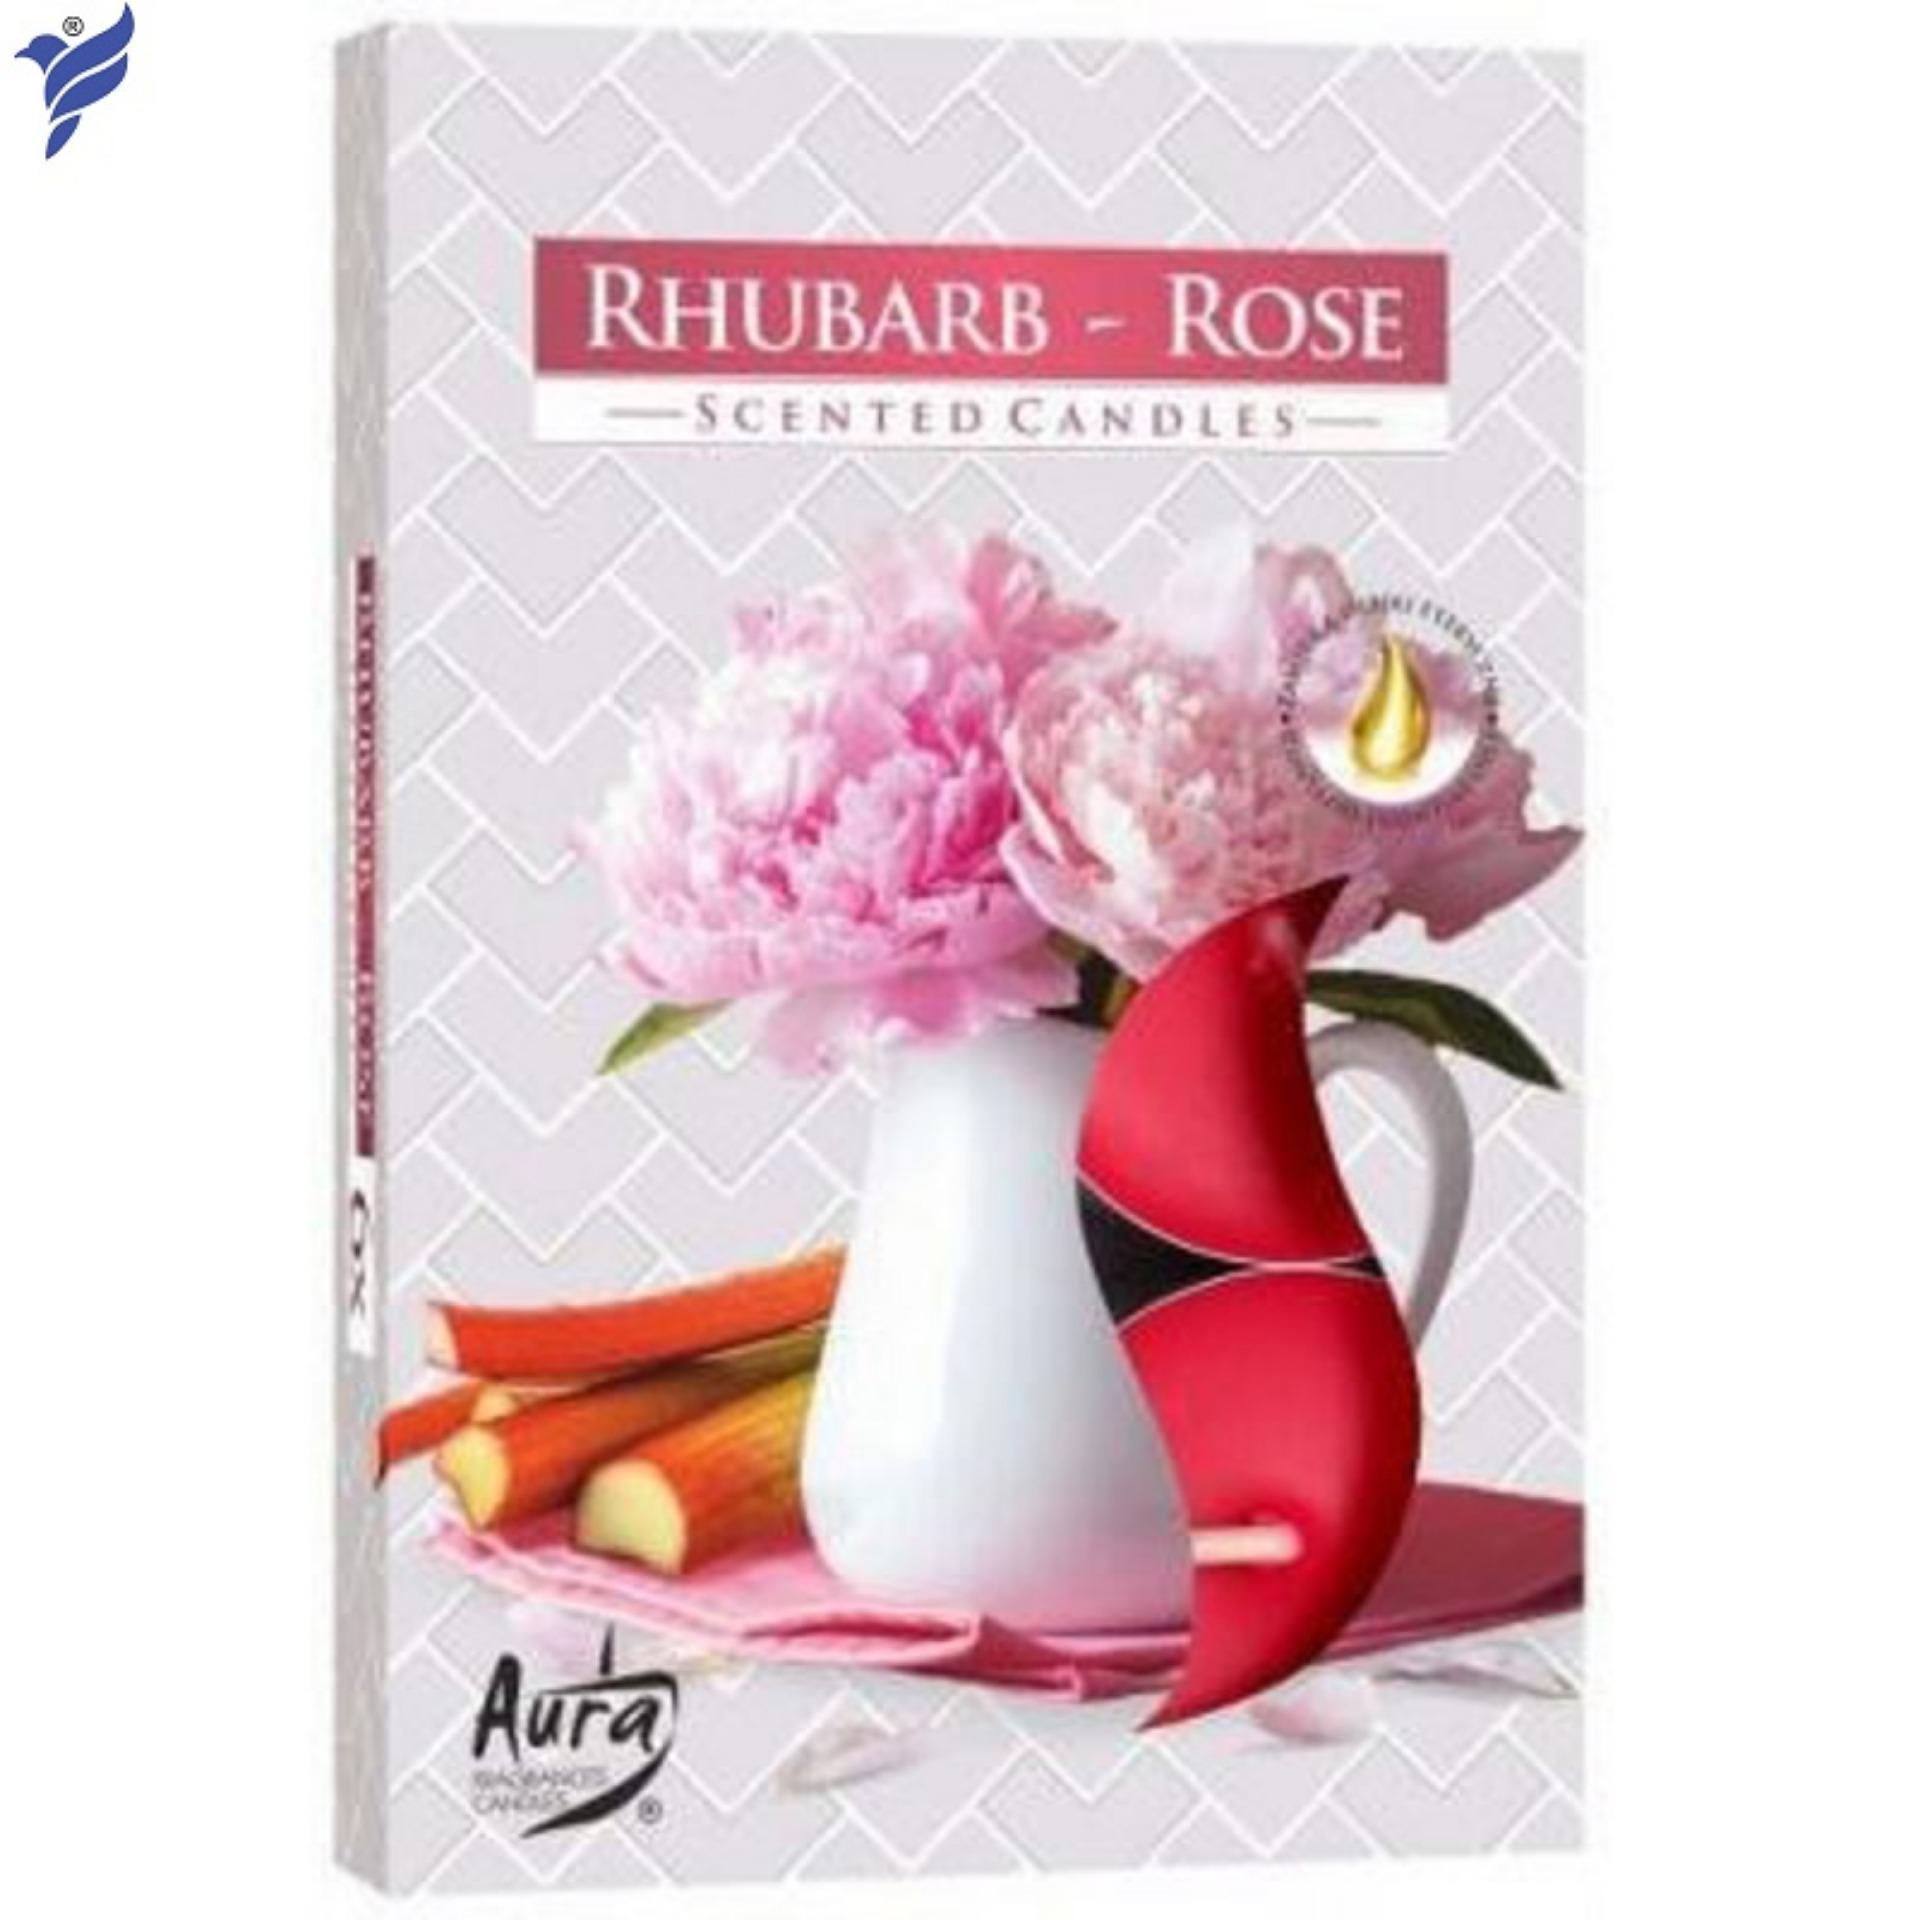 Hộp 6 nến tealight thơm Rhubarb Rose Bartek Candles FtraMart FTM-BAT0680 (Chính hãng, nhập khẩu Châu Âu)